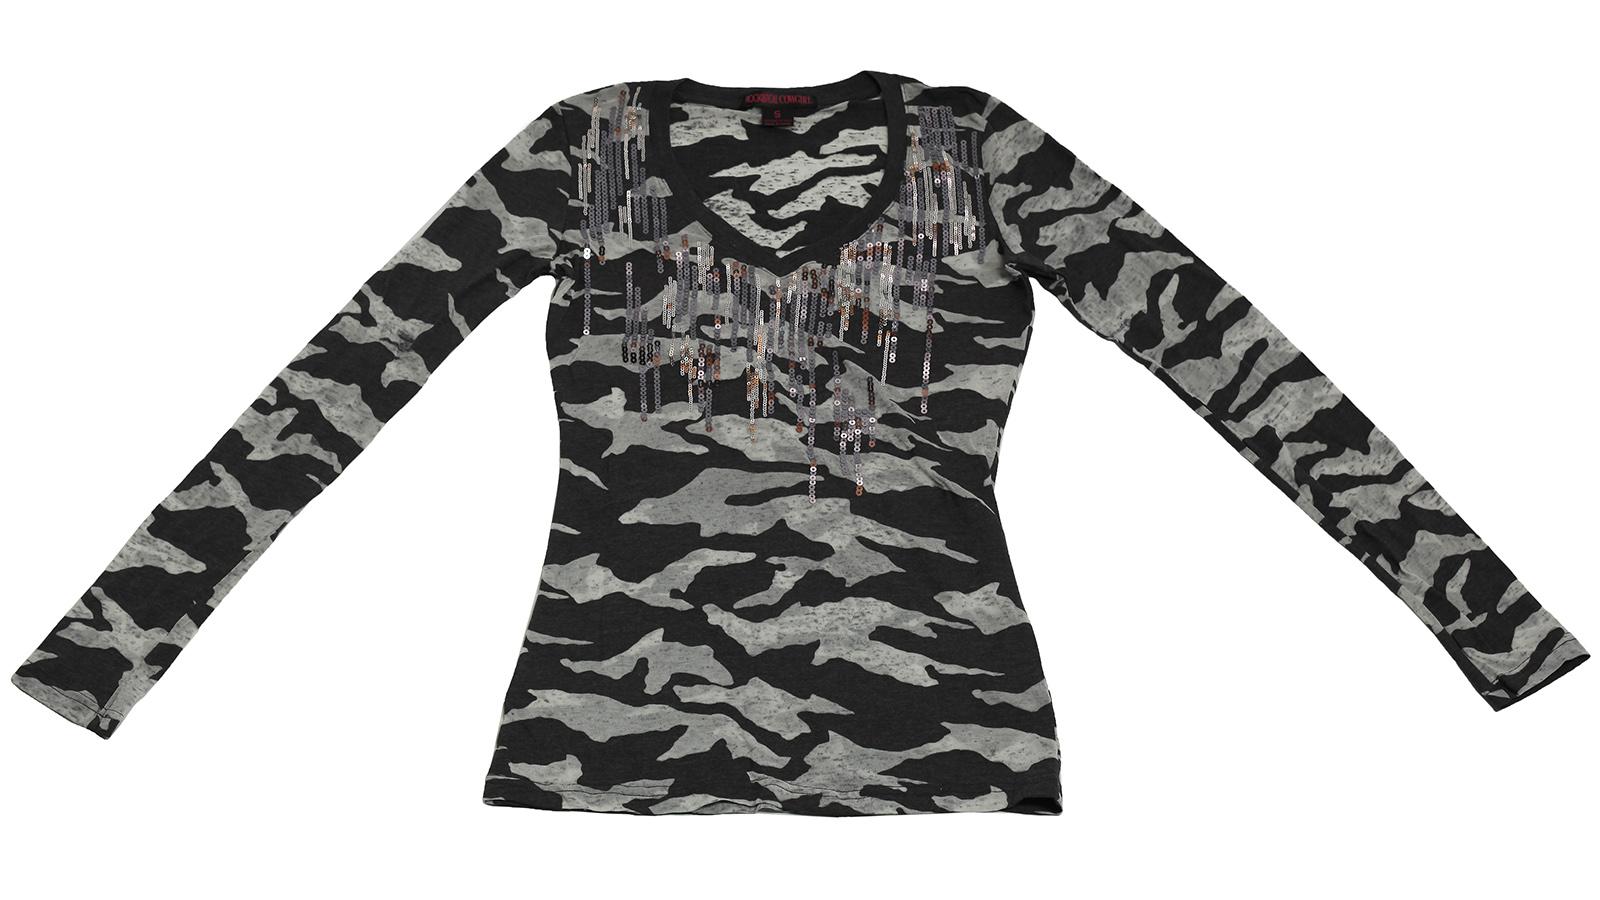 Дизайнерская кофточка от Rock&Roll CowGirl - стильная модель для девушек с изюминкой